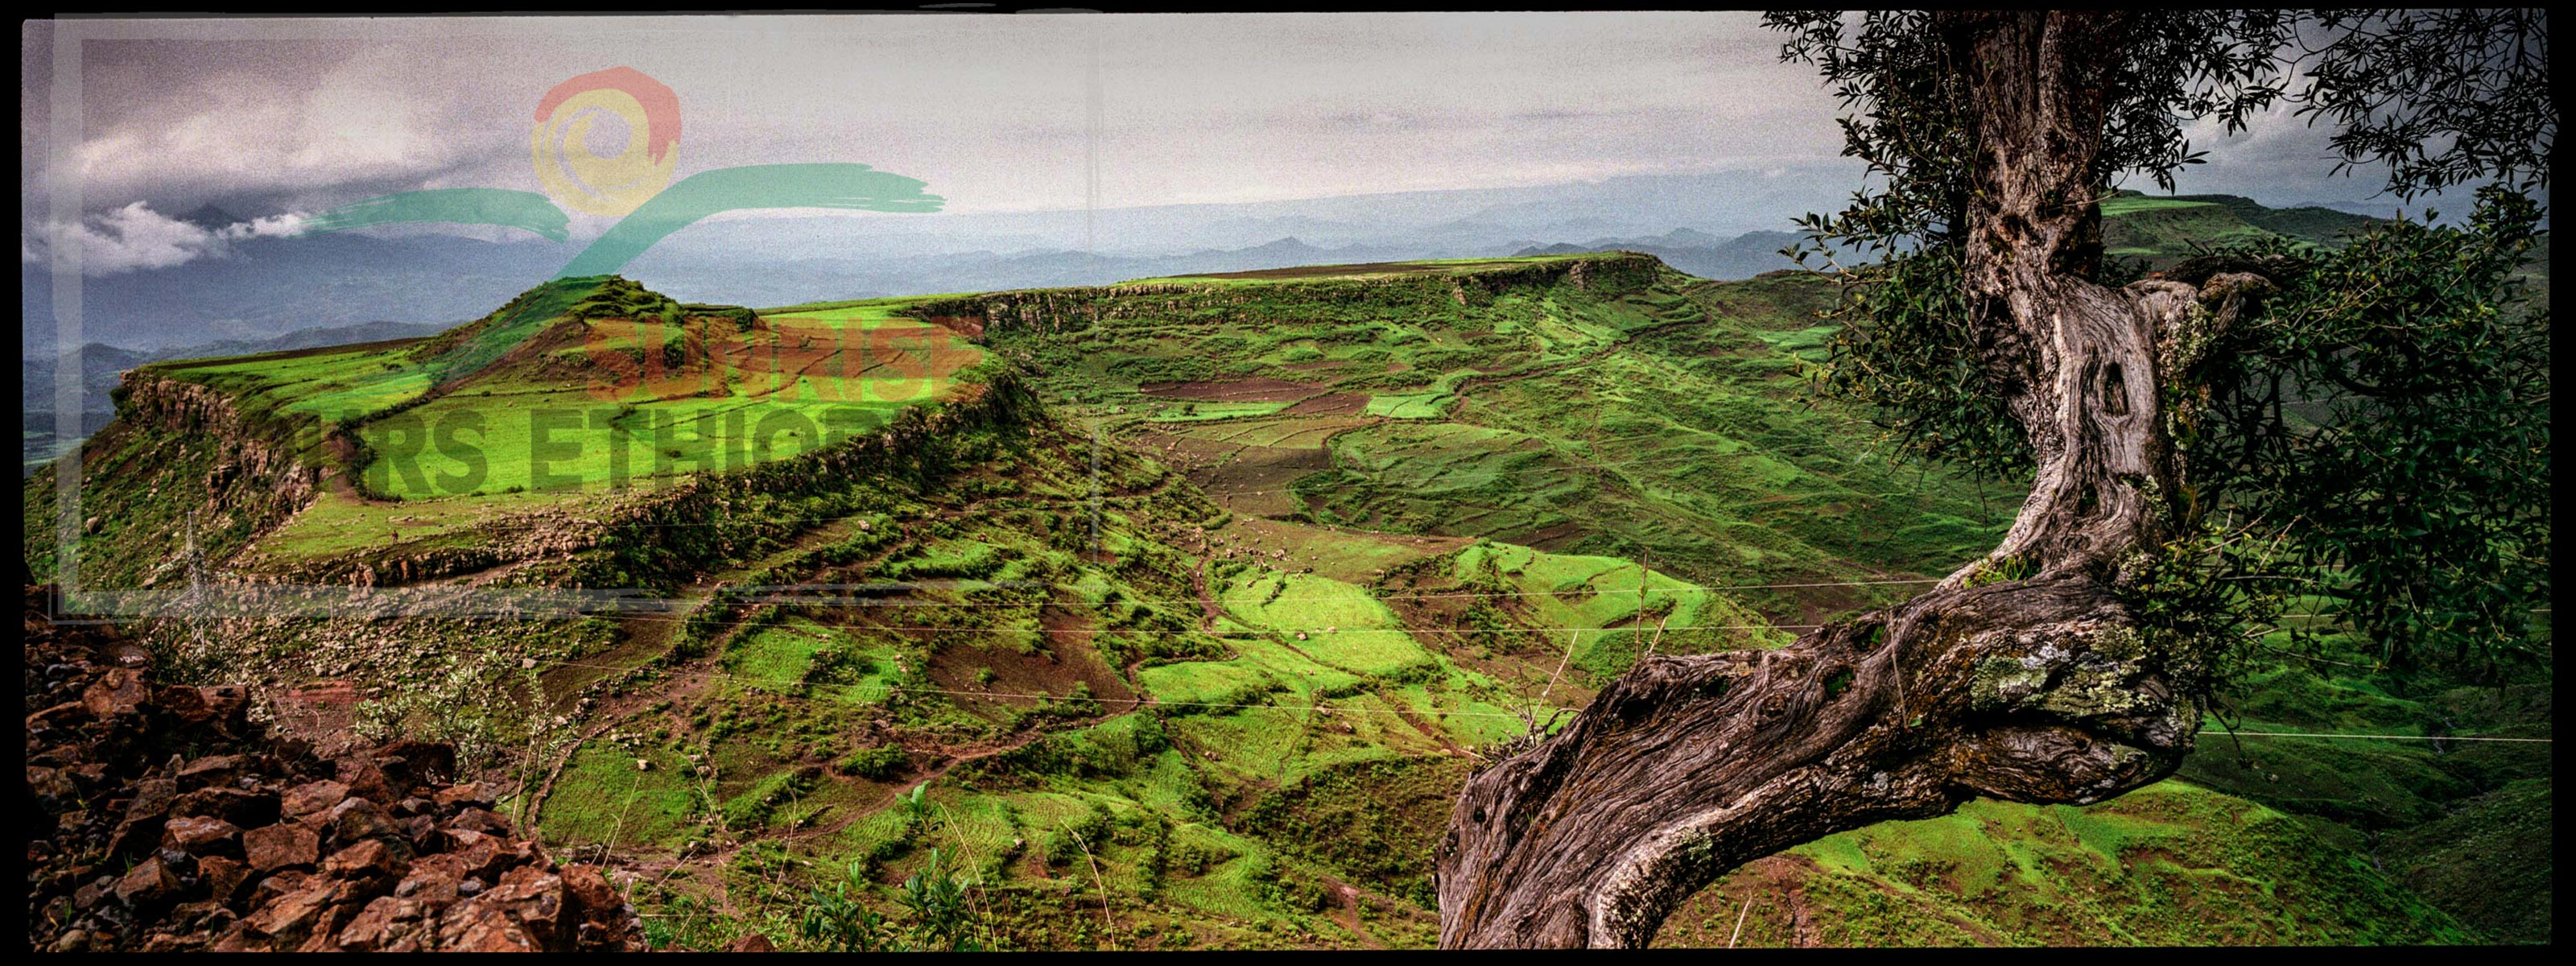 ETHIOPIA HIGHLANDS LANDSCAPE LALIBELA AMBA